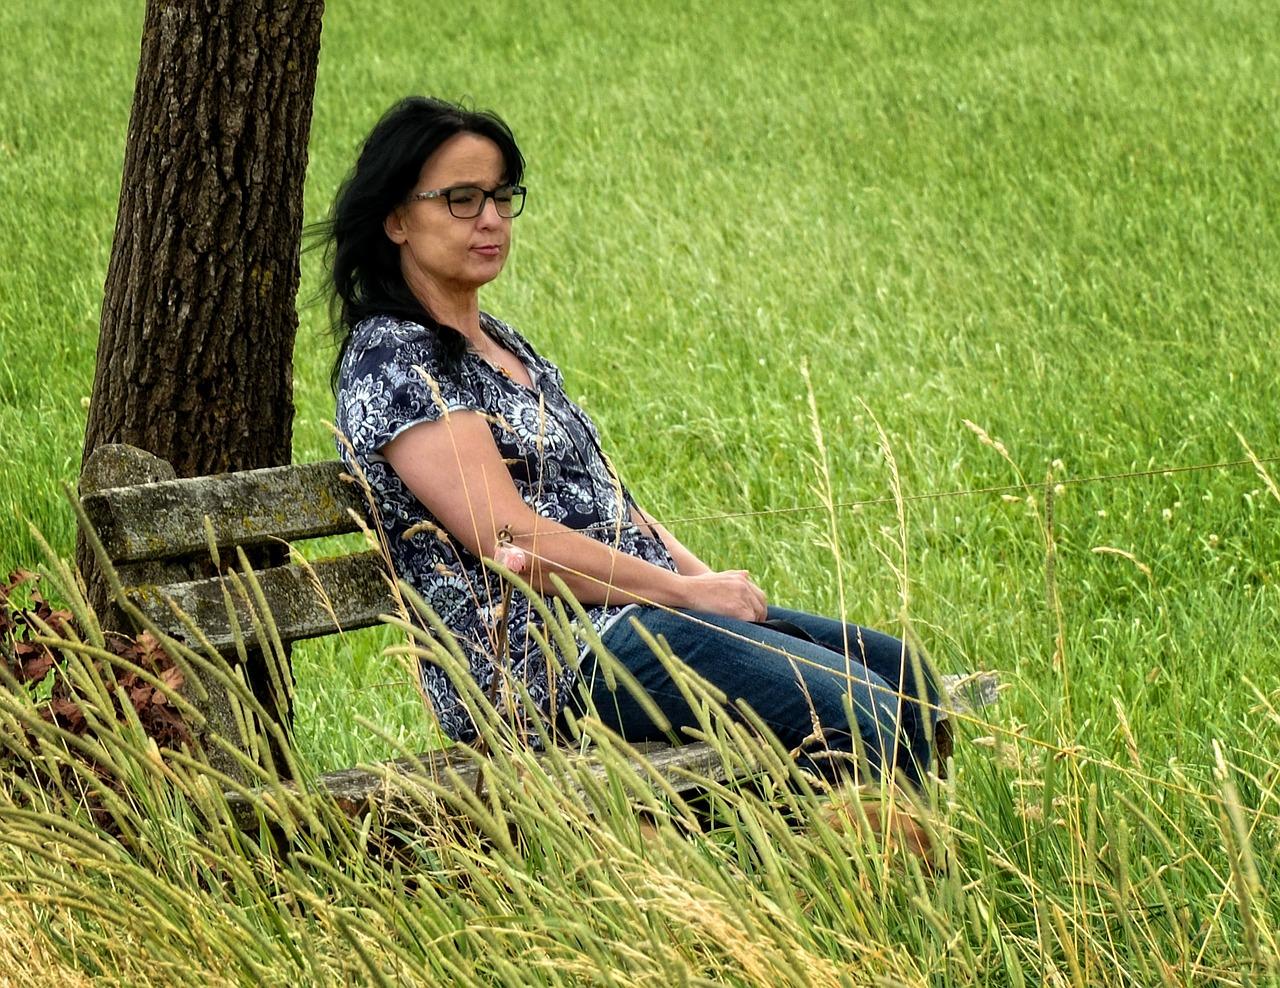 5 распространённых симптомов сердечного приступа у женщин